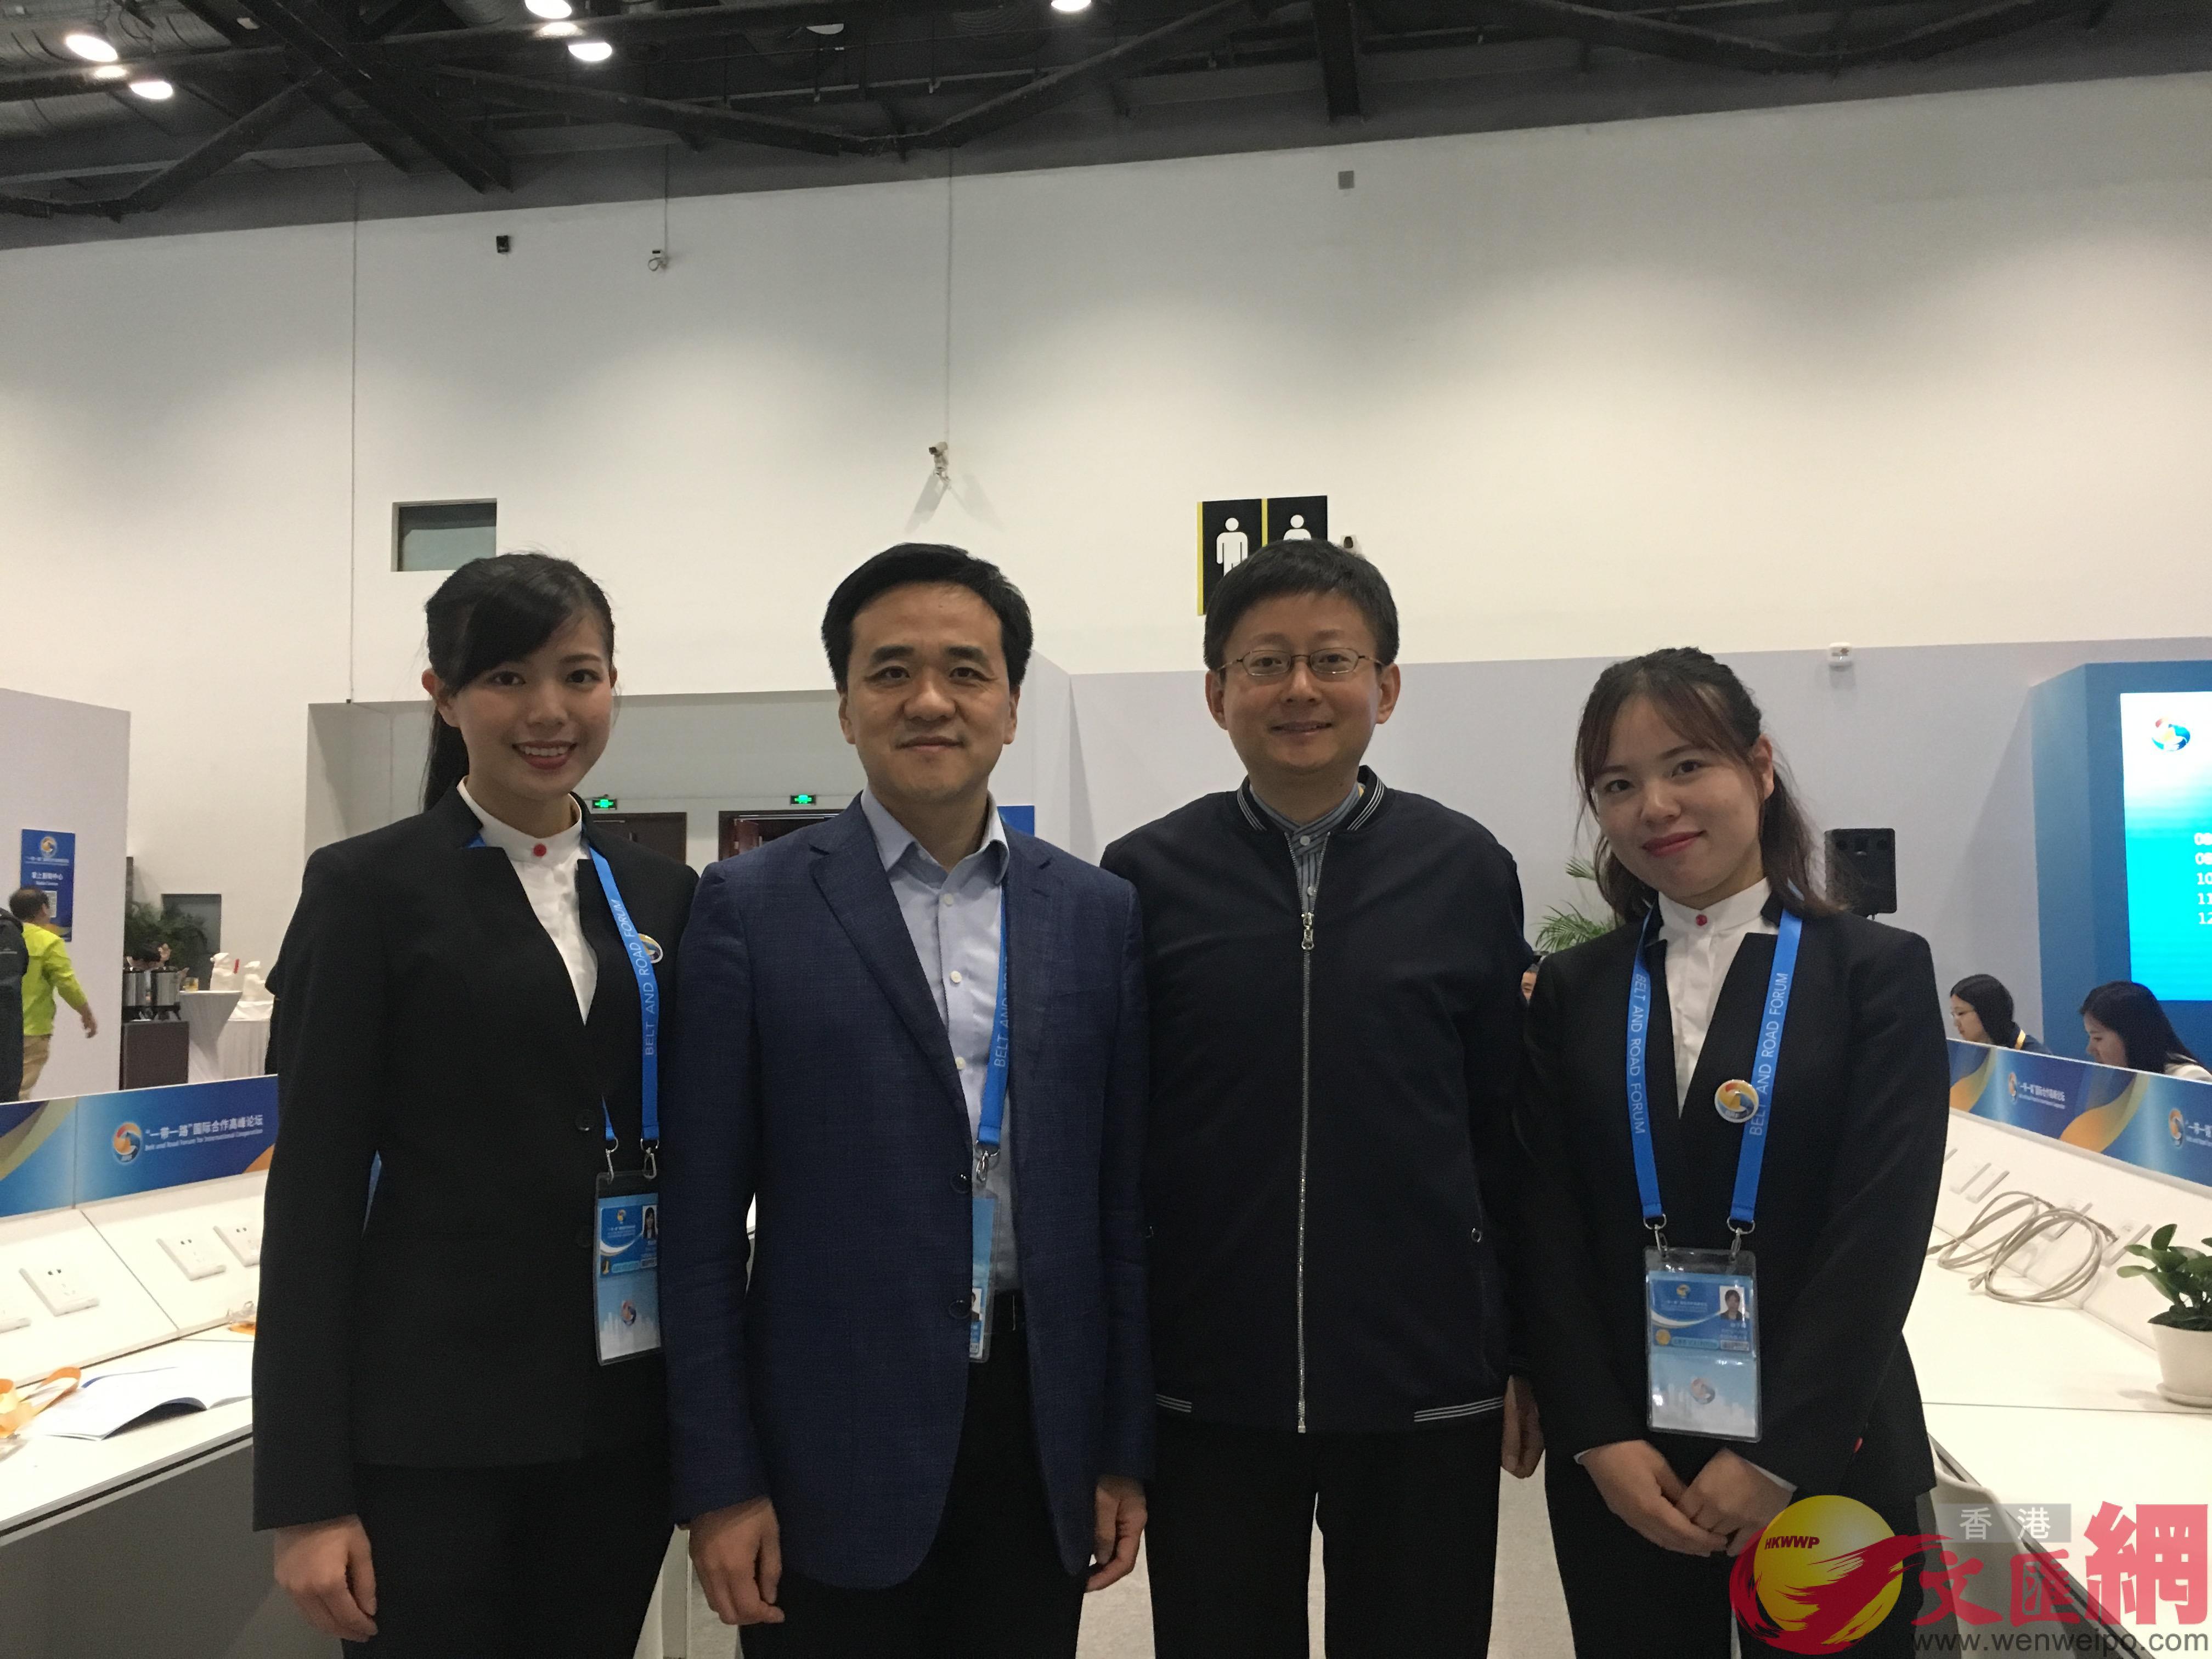 清華大學、中國傳媒大學、中國人民大學志願者在峰會新聞中心現場,左二為媒體公共工作區負責人張冬林。